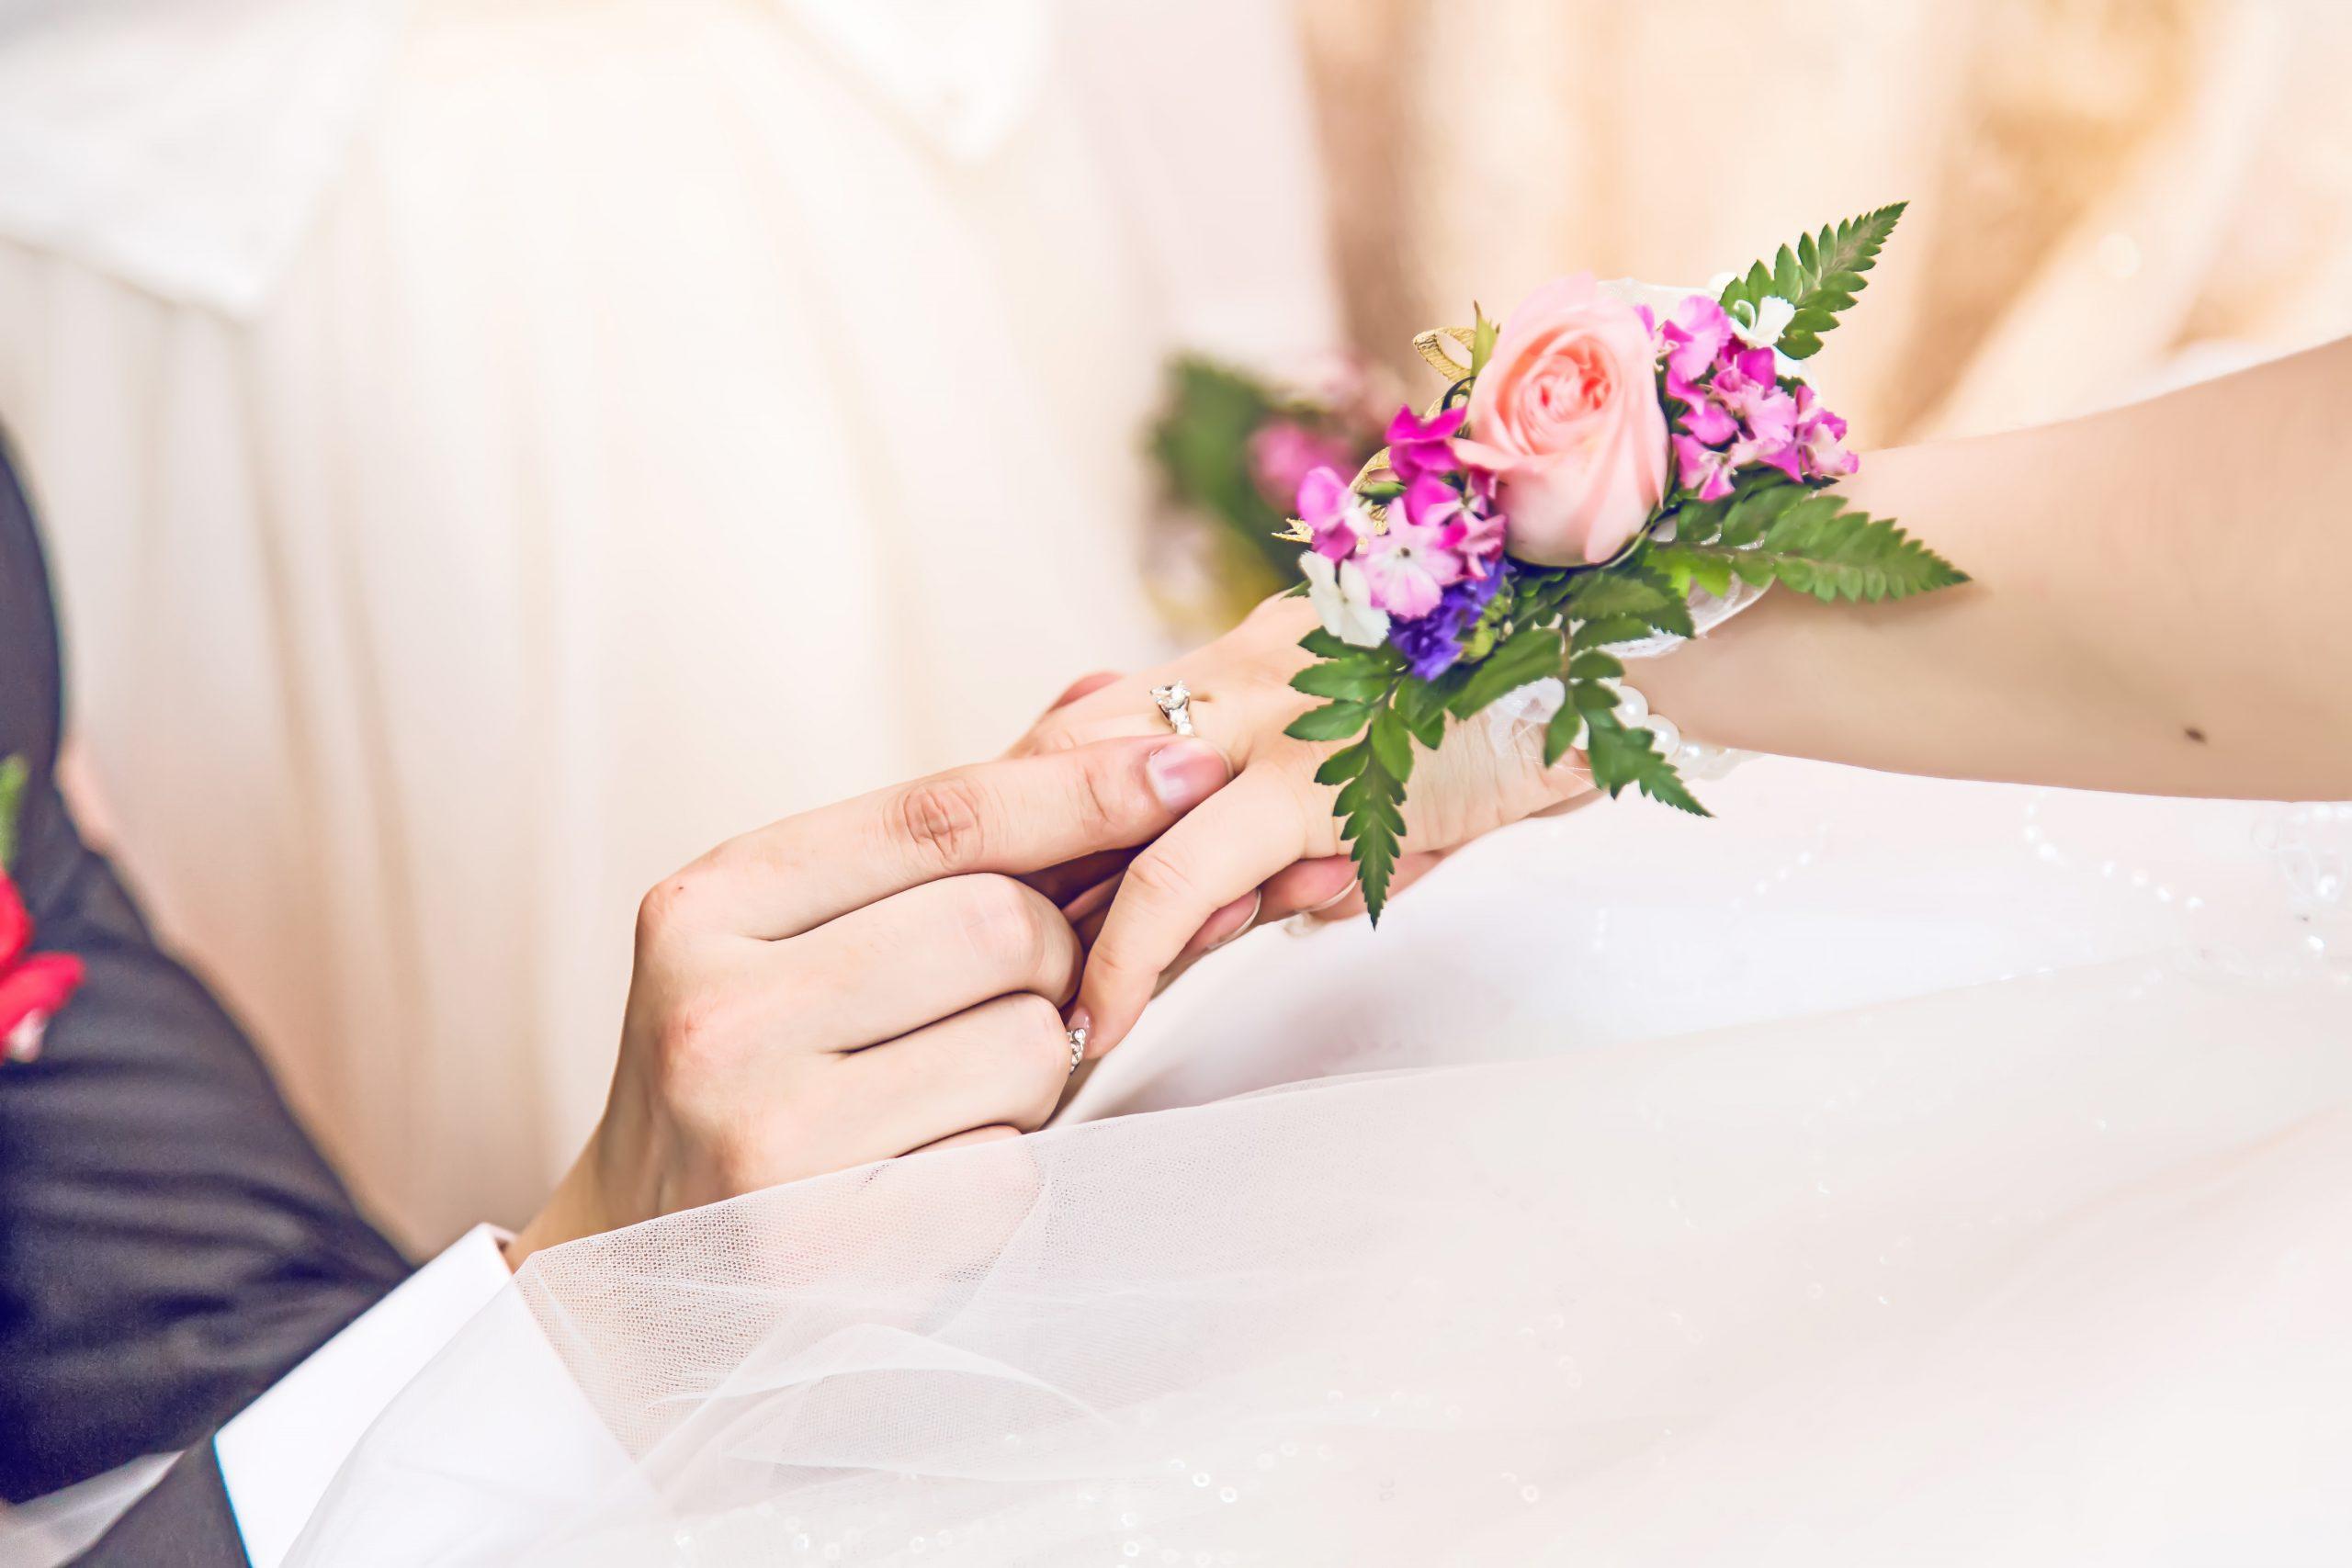 数字能量学婚姻密码,数字能量学婚姻组合